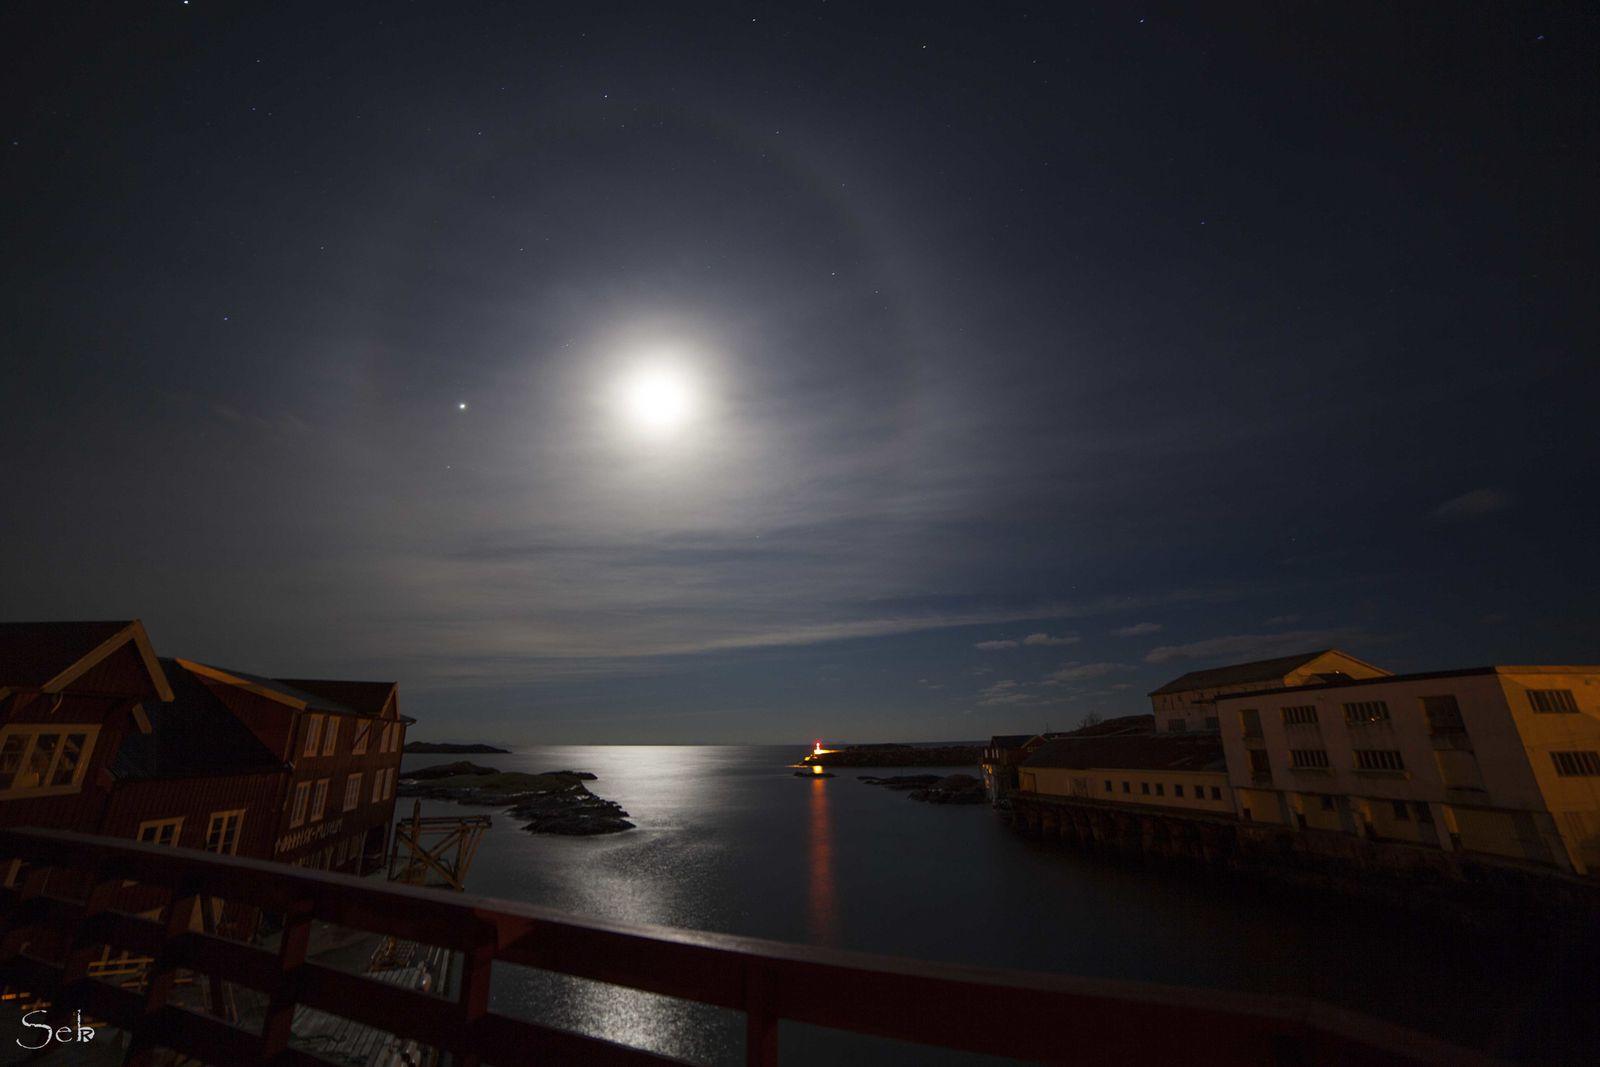 Il existe de nombreux types de halos, tous formés par l'interaction entre la lumière solaire (directe ou renvoyée par la lune) et des cristaux de glace en suspension dans l'air ou présents dans les nuages visibles de la haute troposphère, entre 5 et 10 km d'altitude, notamment dans les cirrostratus. La forme et l'orientation particulière des cristaux, ainsi que l'incidence du rayonnement lumineux sont responsables du type de halo observé. La lumière est réfléchie et réfractée par ces cristaux et sa lumière peut être dispersée, comme pour un arc-en-ciel.